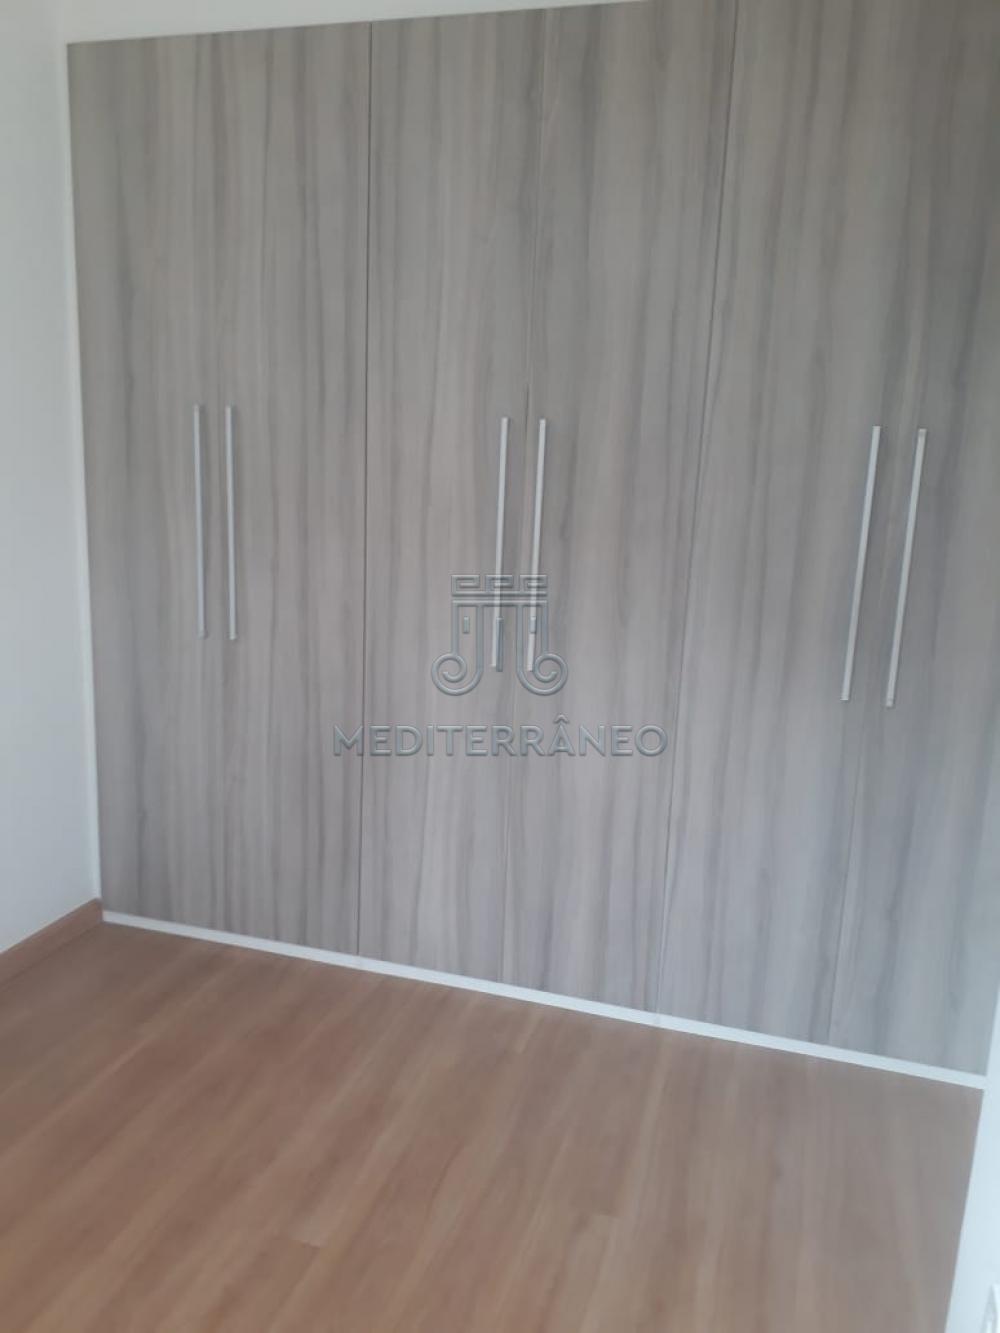 Comprar Apartamento / Padrão em Jundiaí apenas R$ 225.000,00 - Foto 7